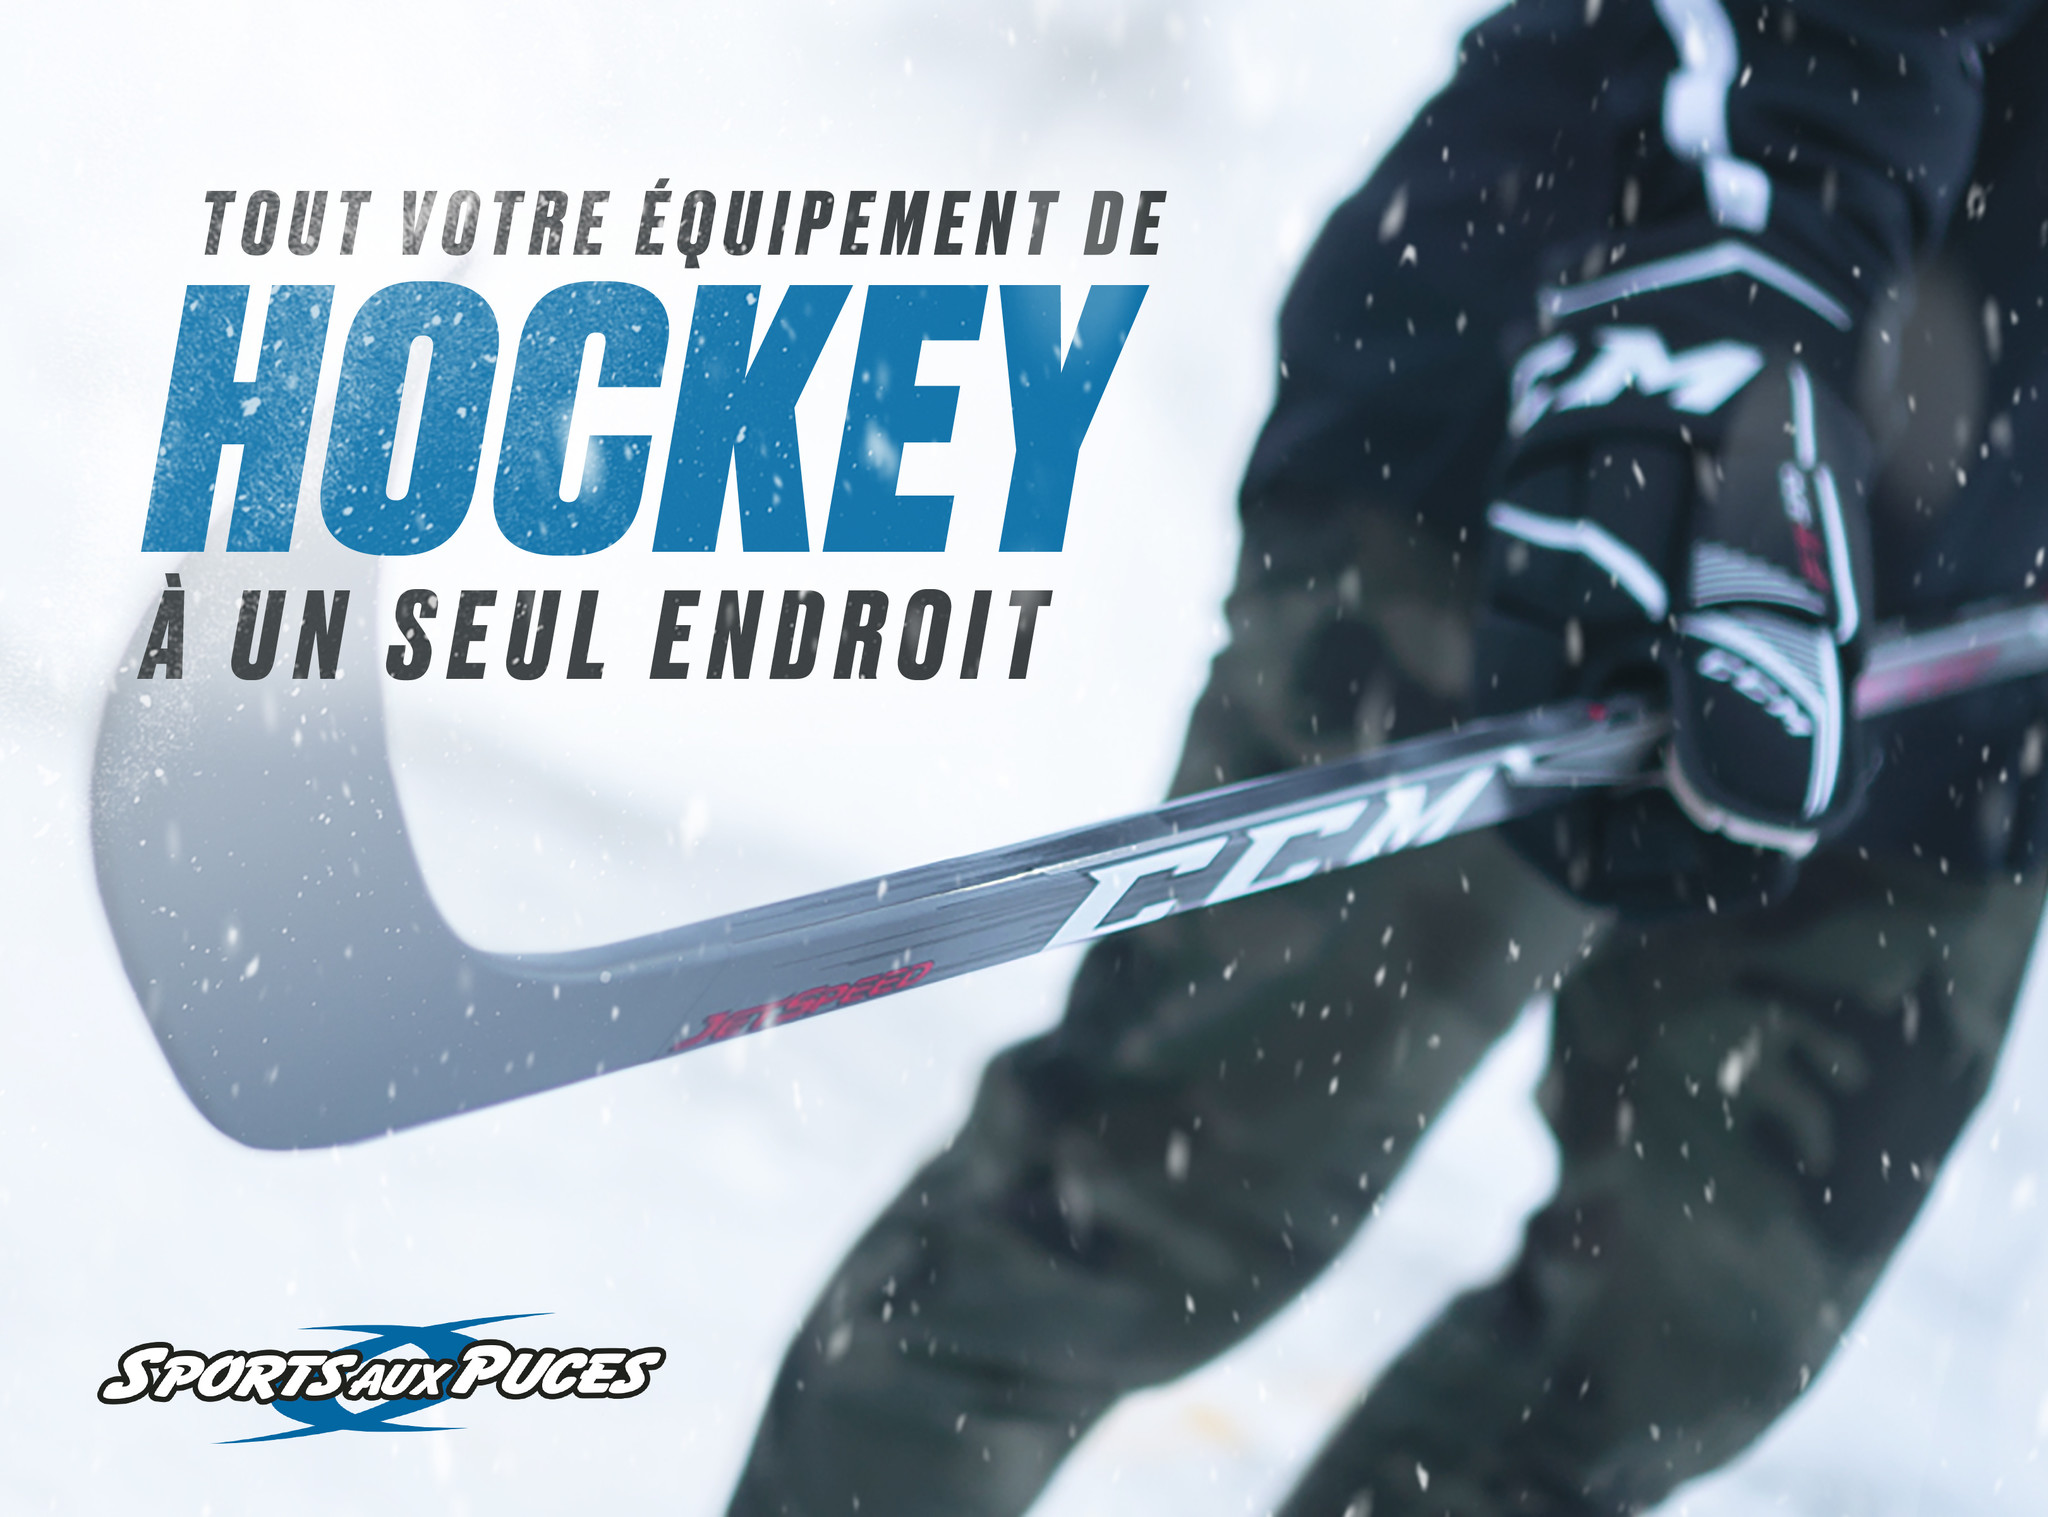 Équipement de hockey un endroit